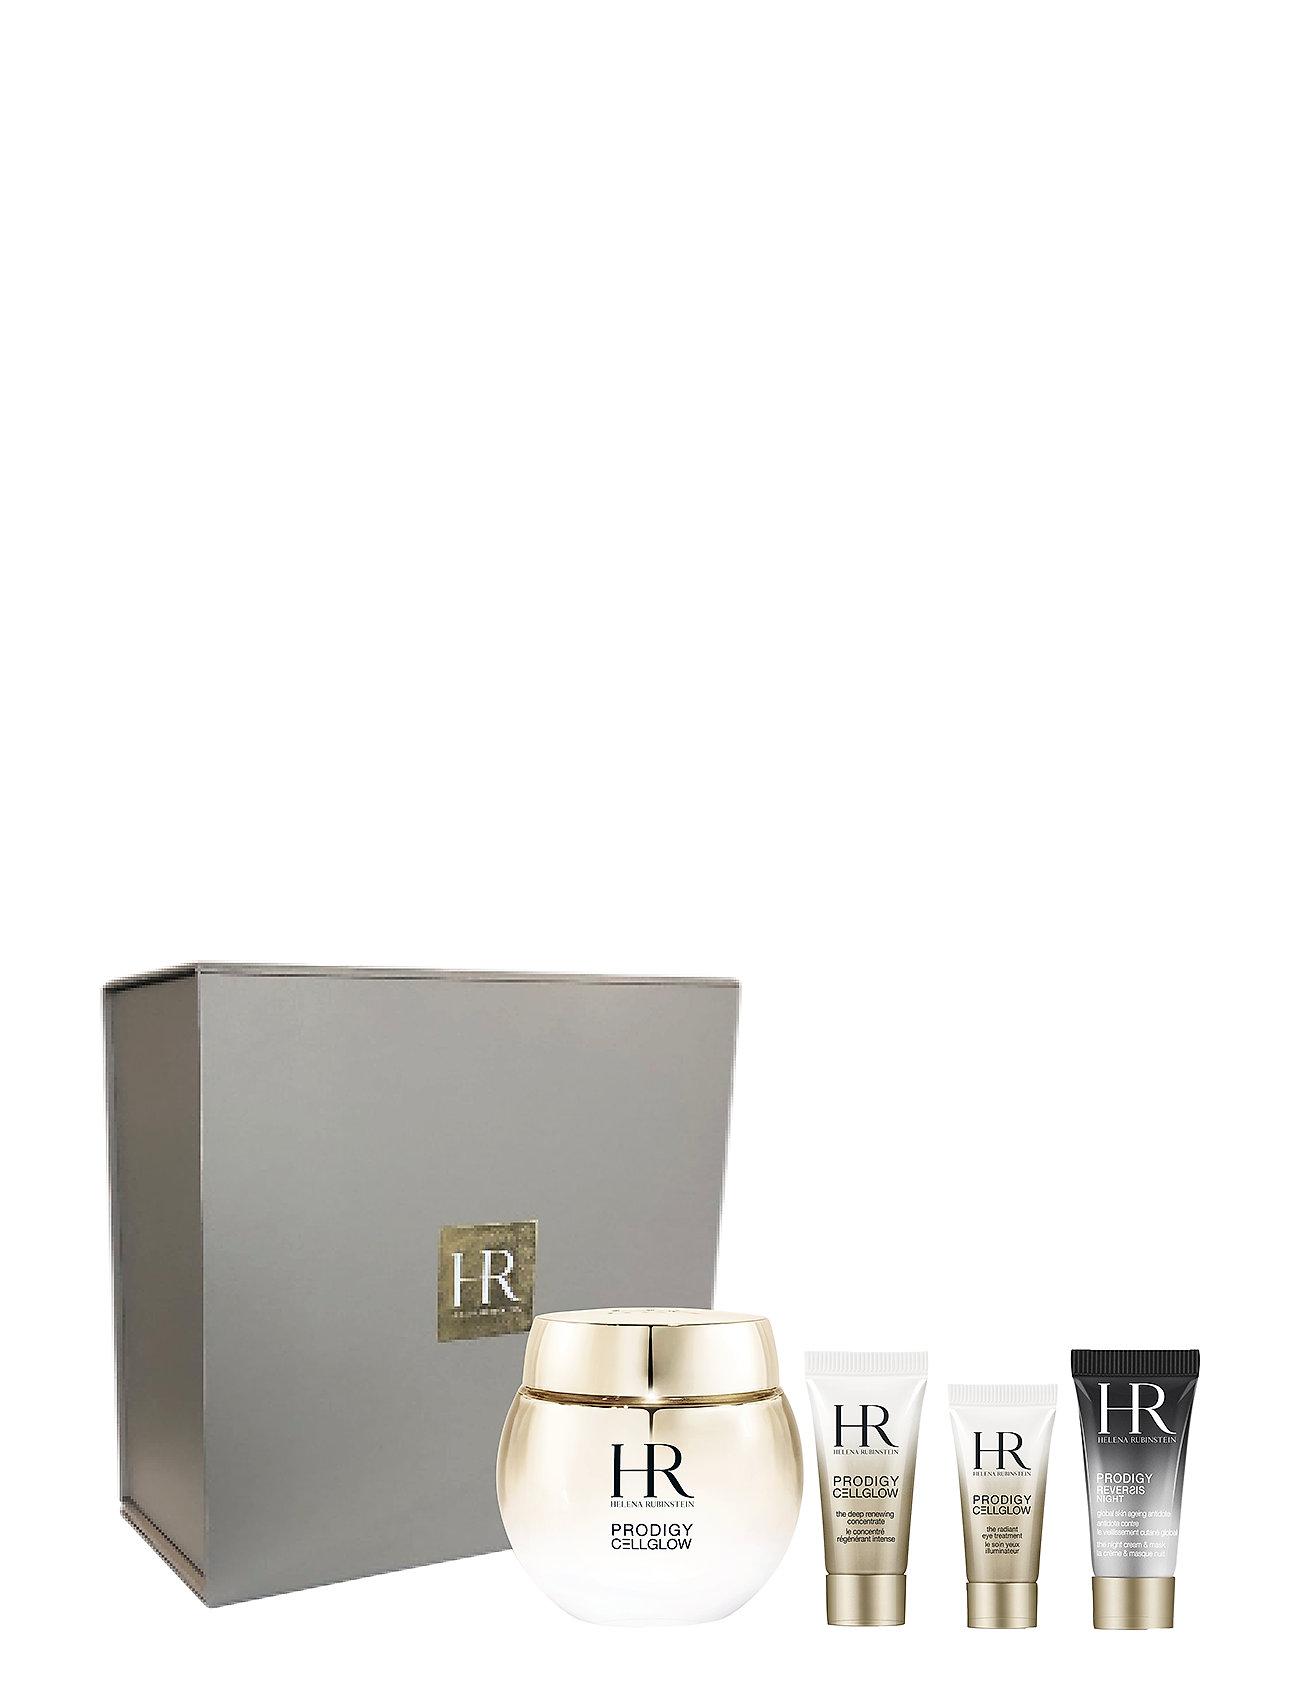 Helena Rubinstein Prodigy Cellglow Gift box - NO COLOUR